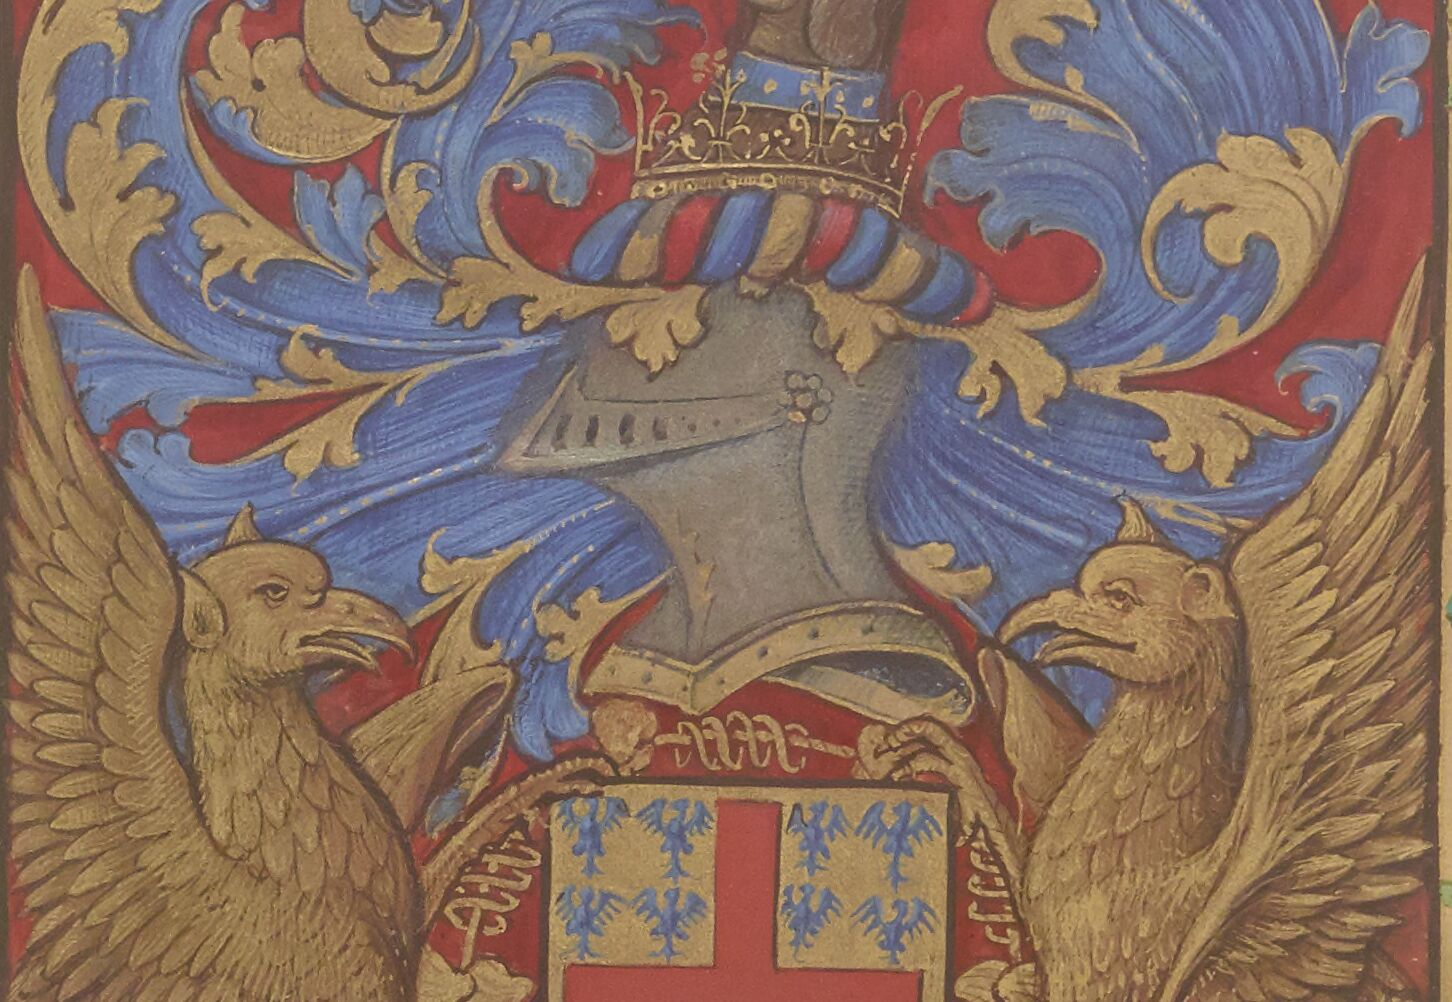 Griffin crest